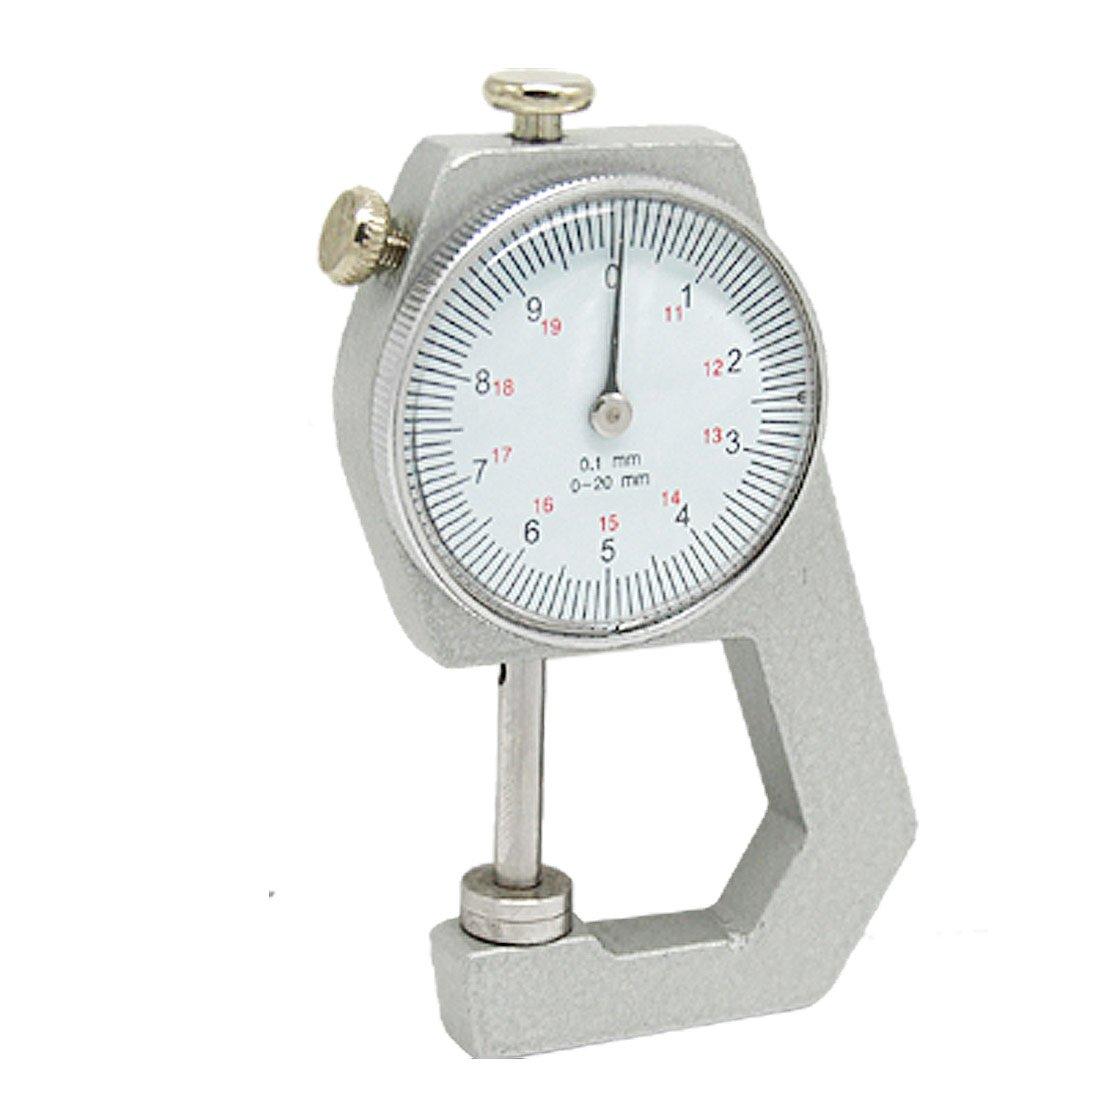 SODIAL(R)0 bis 20 mm Taschendickenmessung Spur Bohrstange